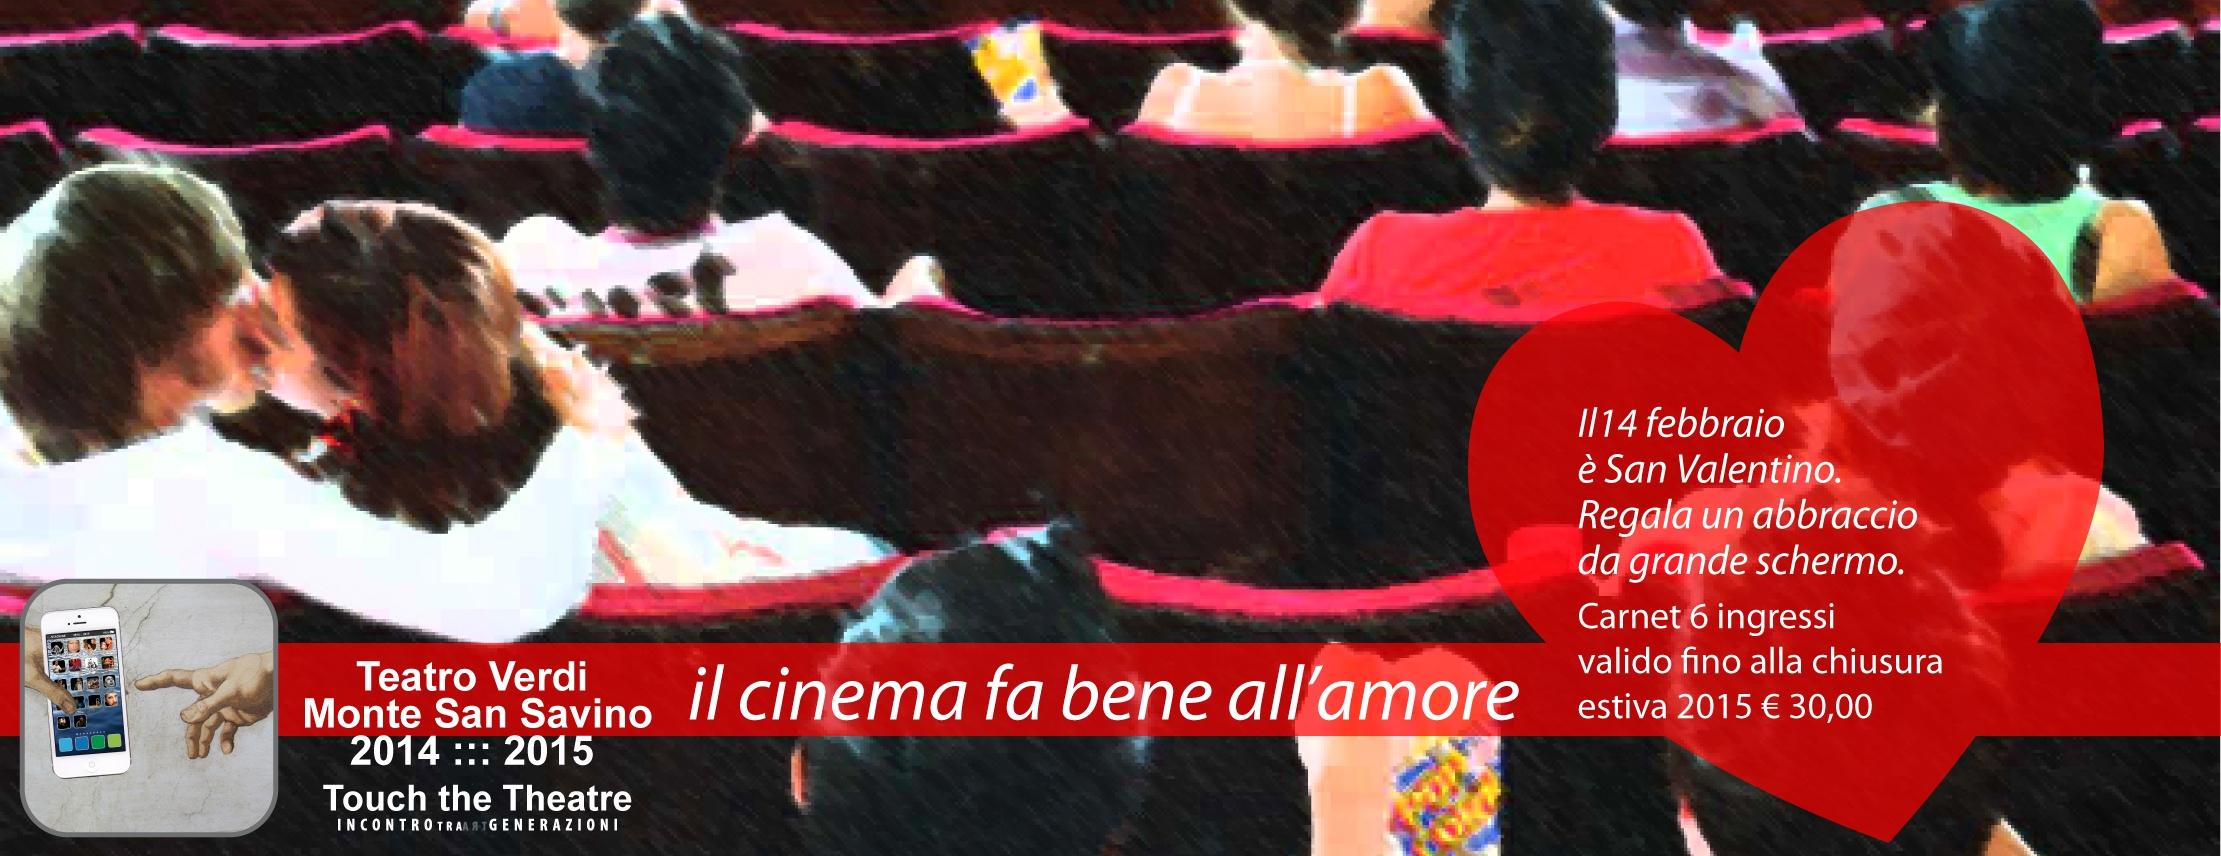 Il Teatro Verdi propone un regalo speciale per San Valentino